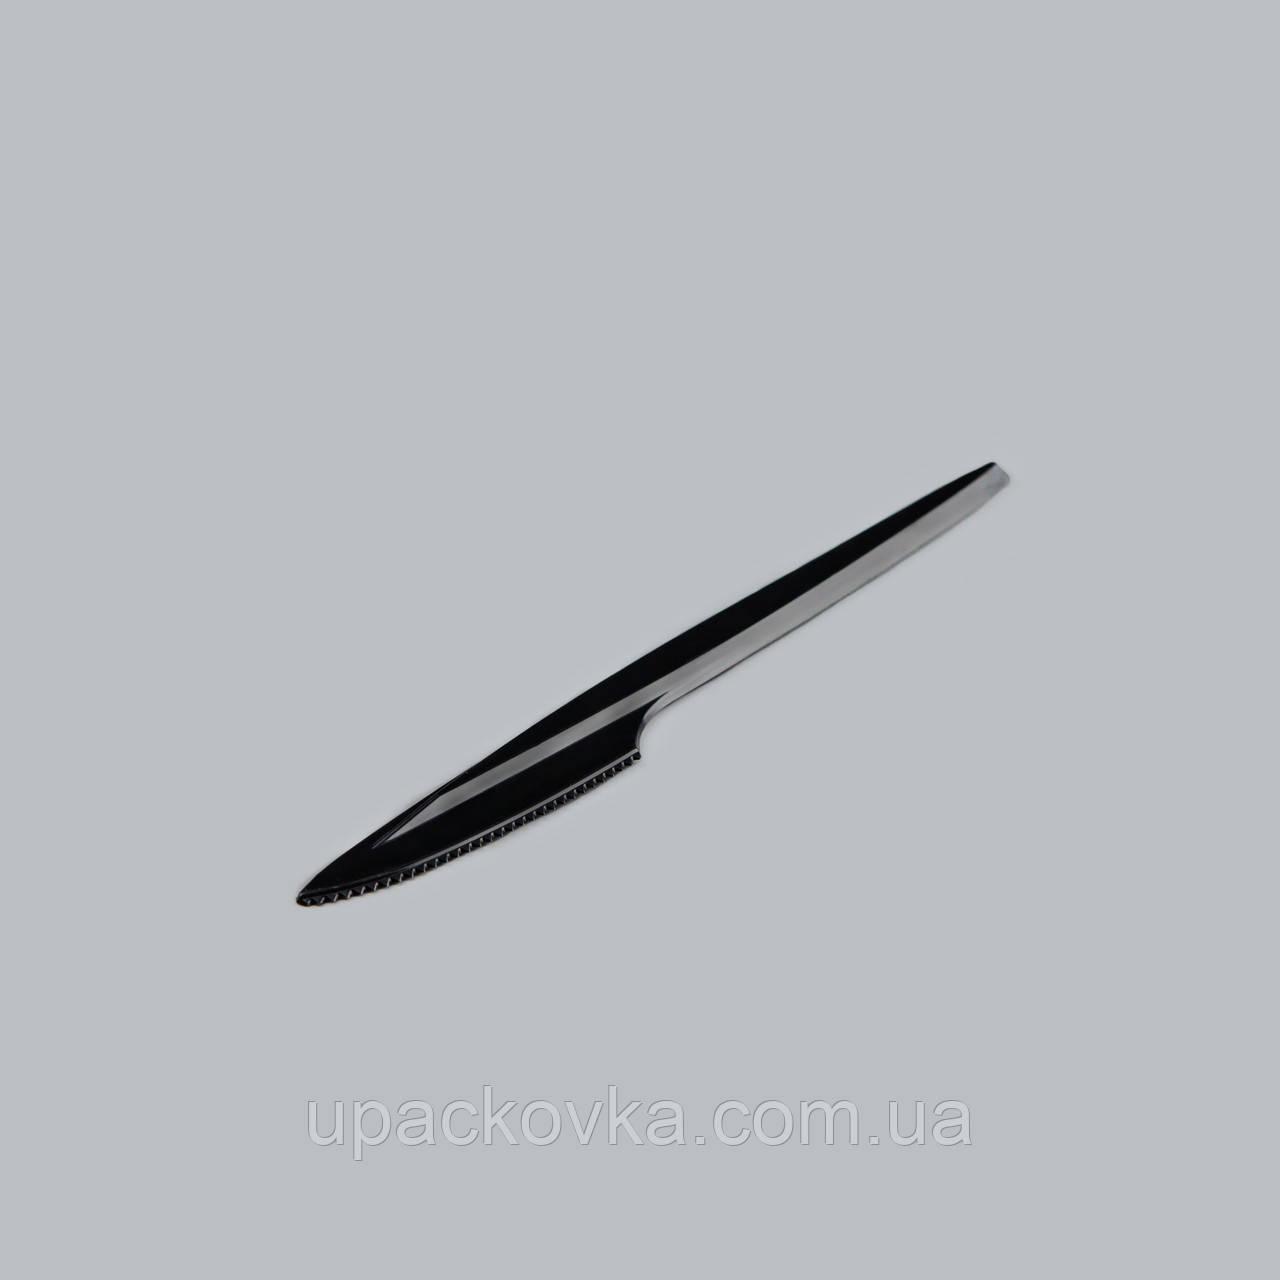 Нож столовая одноразовая Премиум Черная 16 см 100 шт в уп